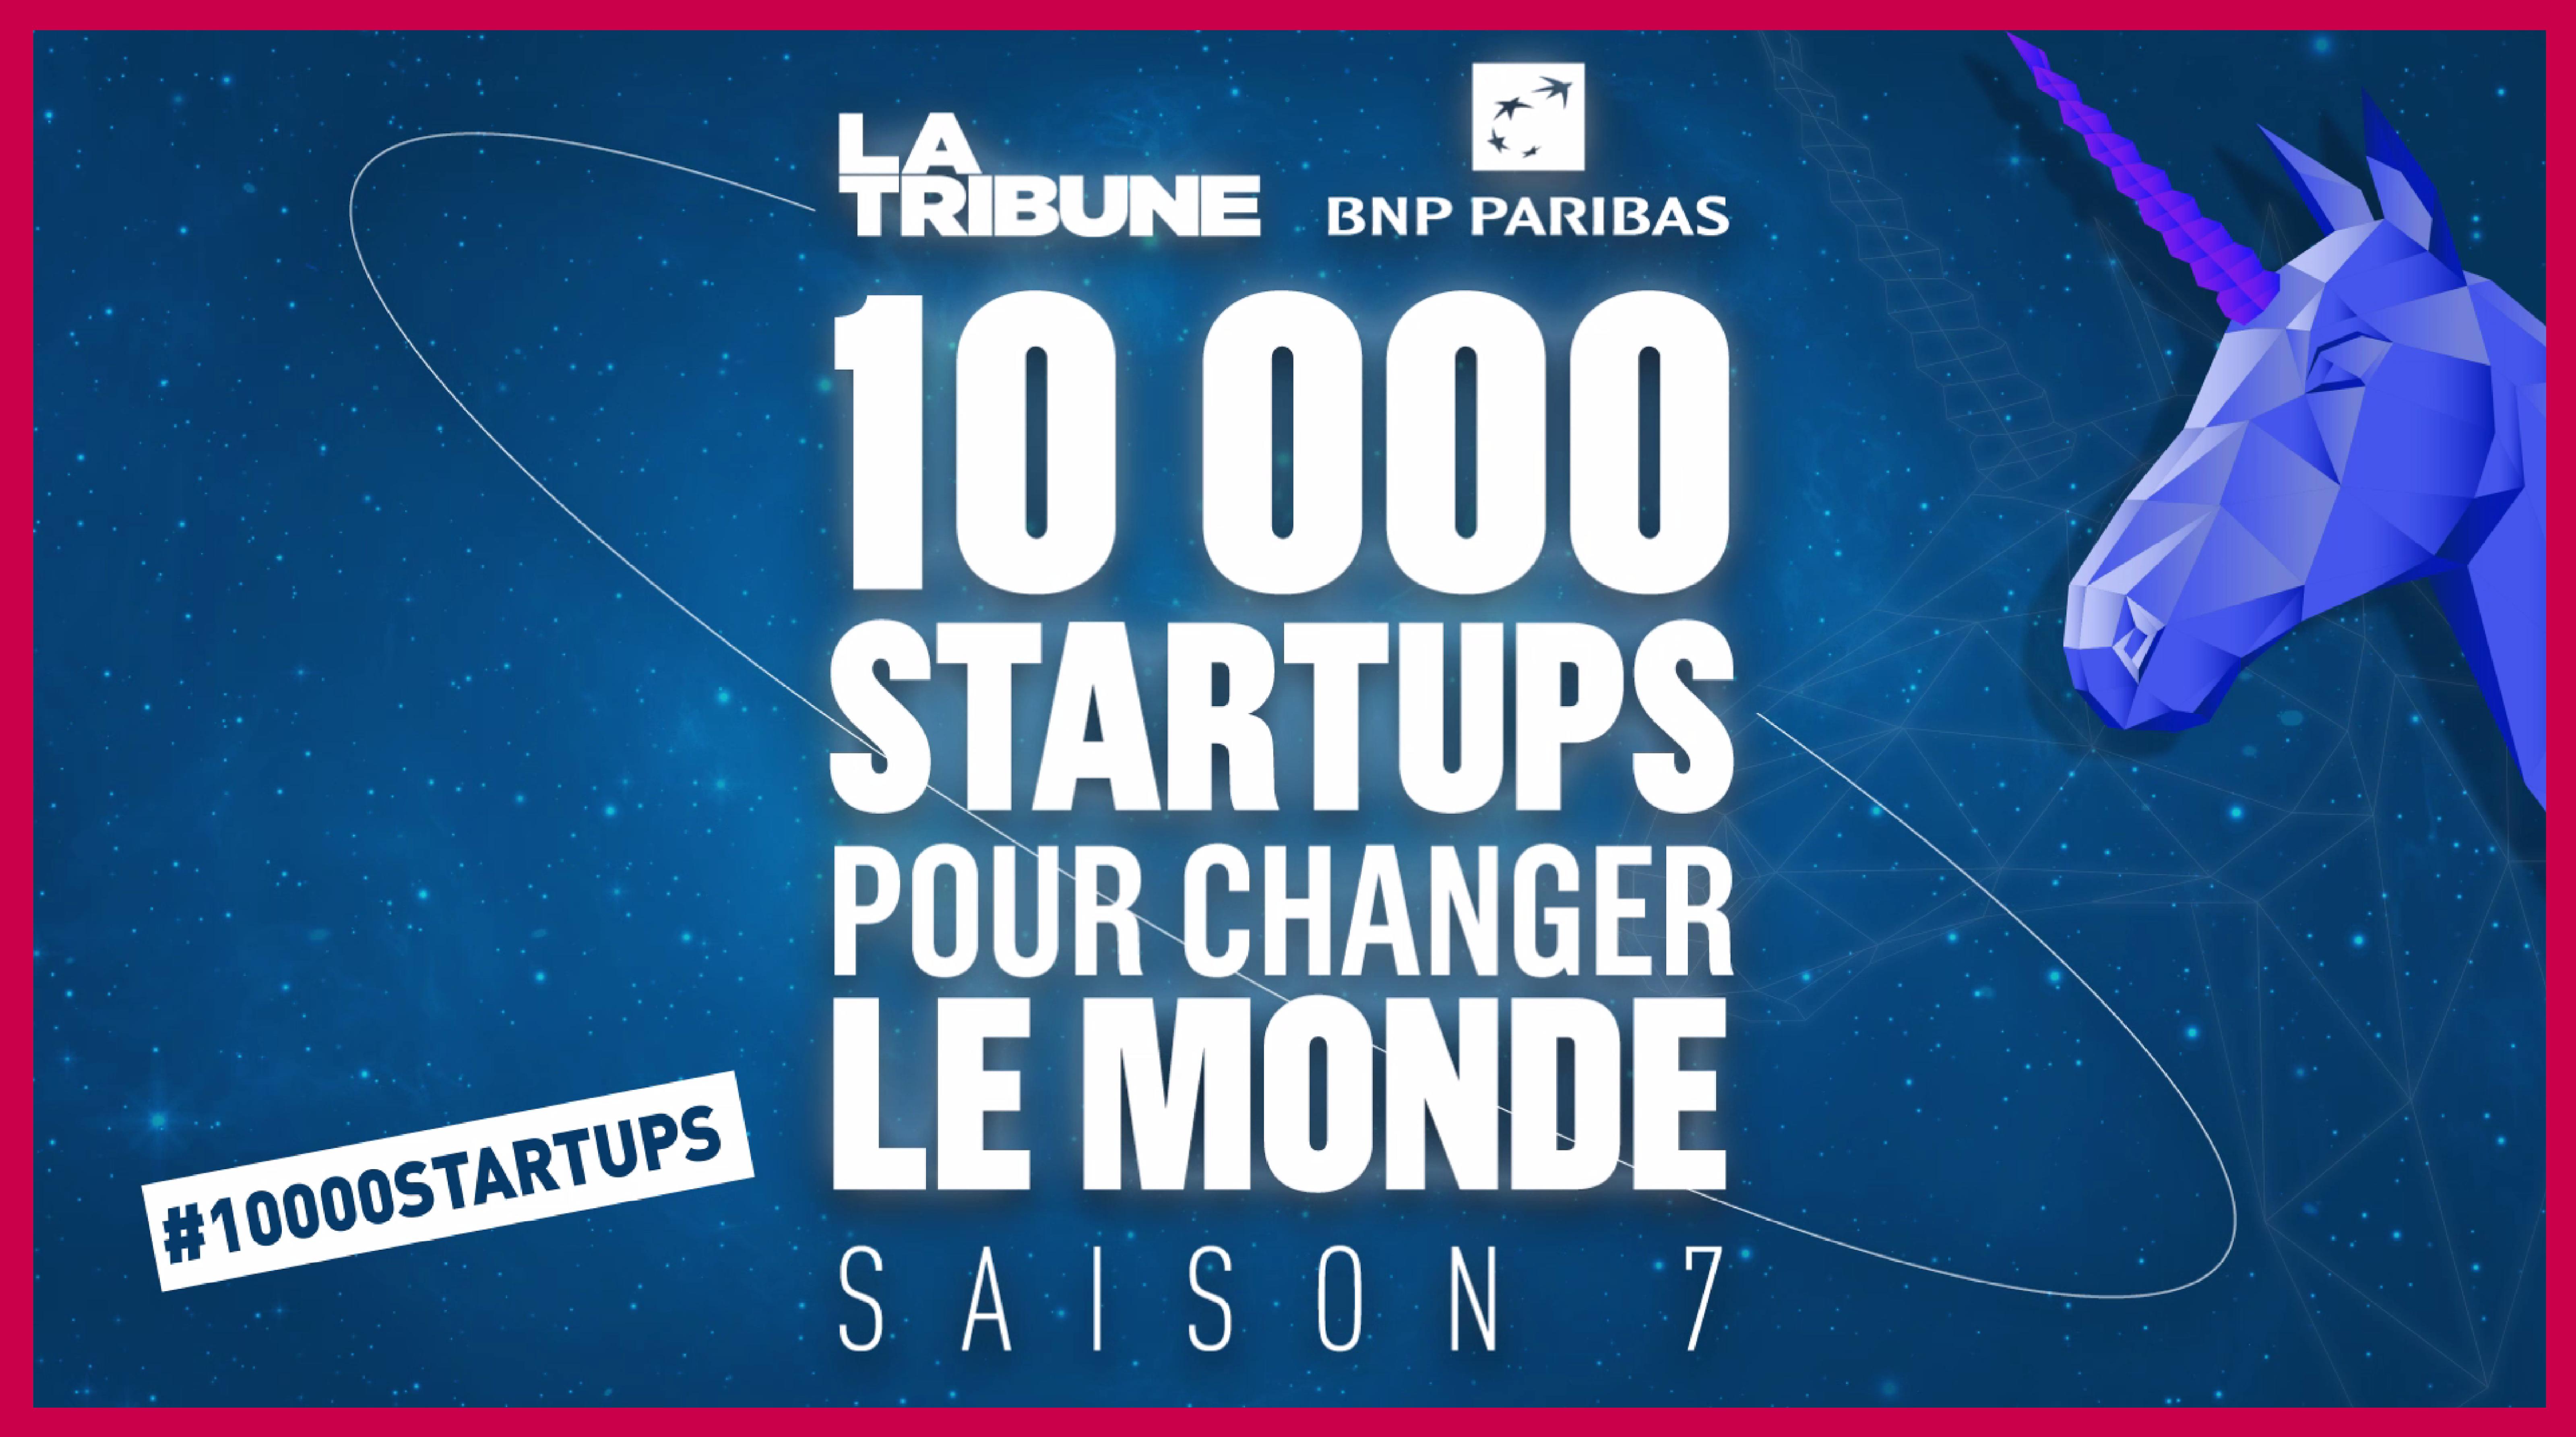 10.000 startups pour changer le monde